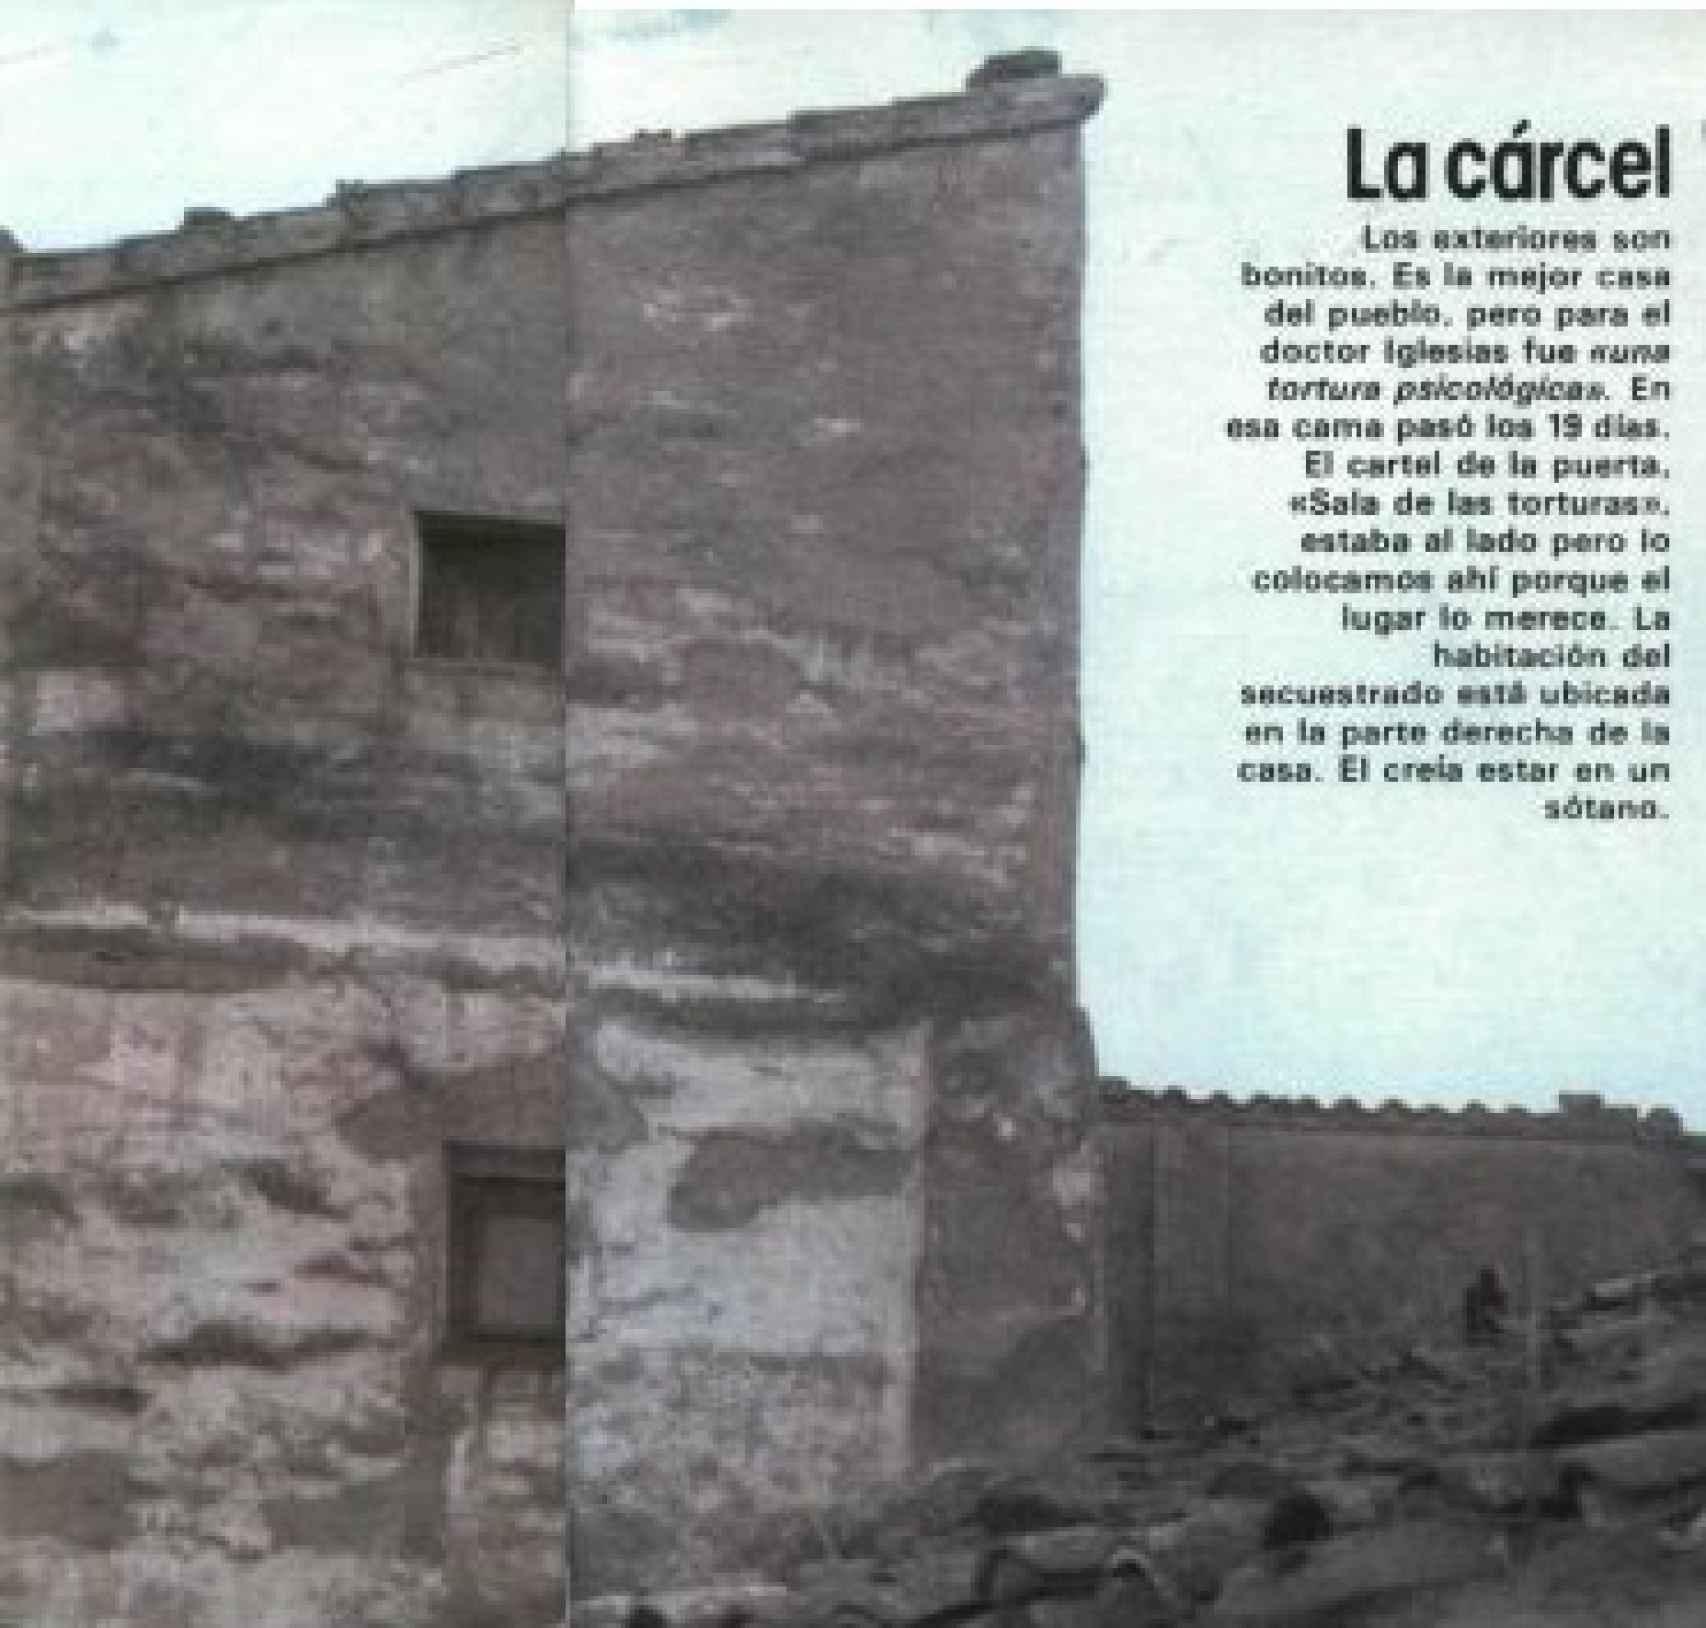 La casa en la que estuvo secuestrado Julio Iglesias Puga. Fotografía de 1982 cedida por la revista Interviú.